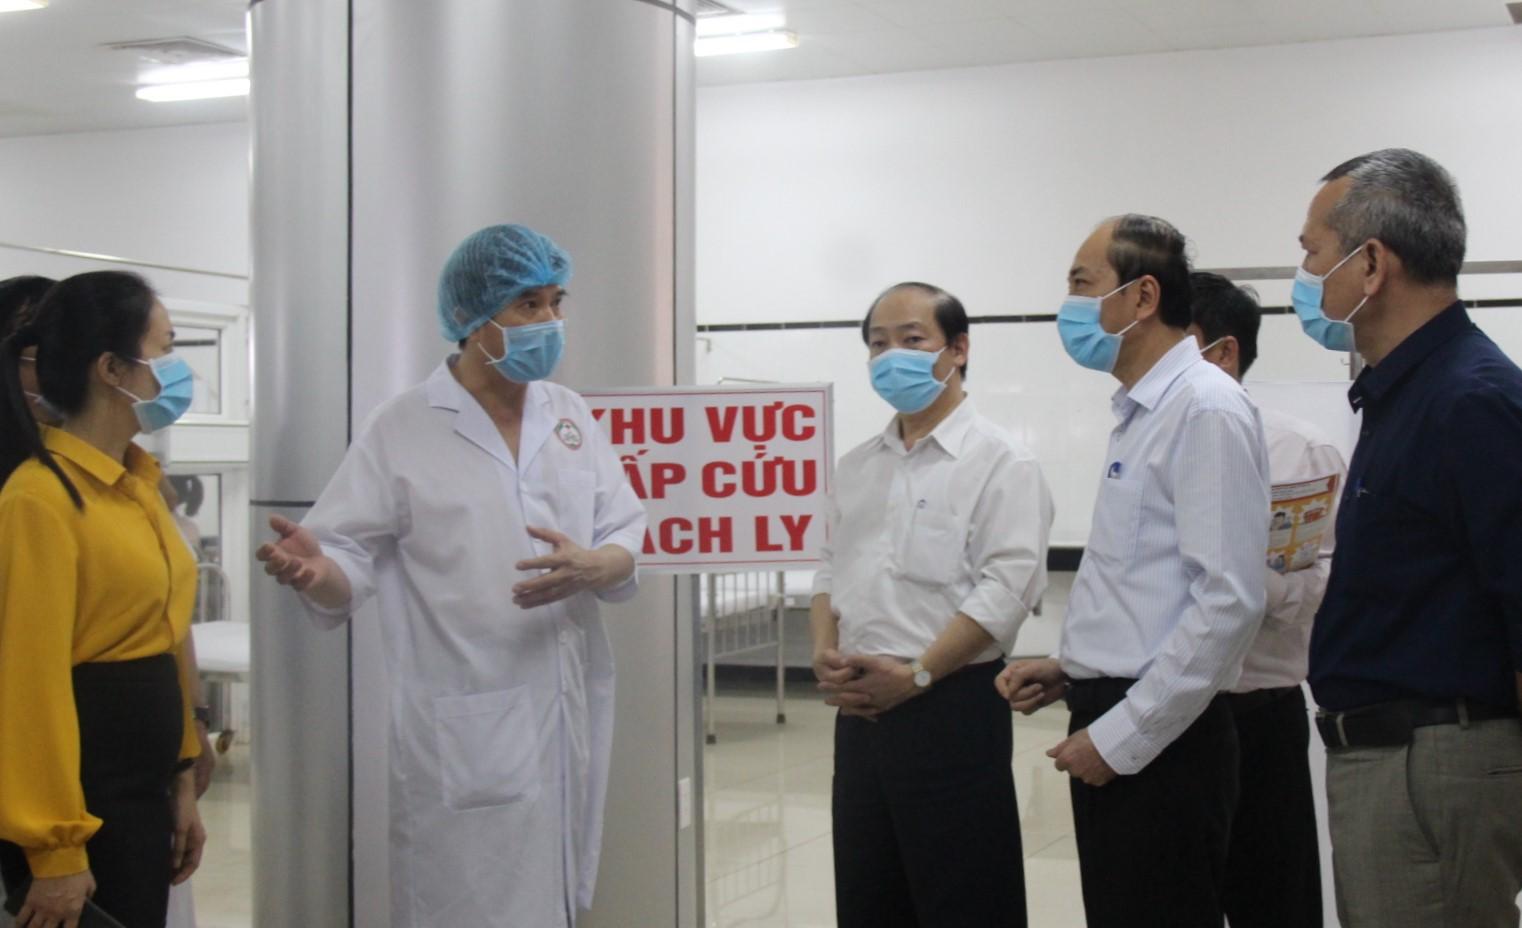 Đắk Lắk chủ động triển khai hiệu quả công tác phòng chống dịch bệnh Covid-19